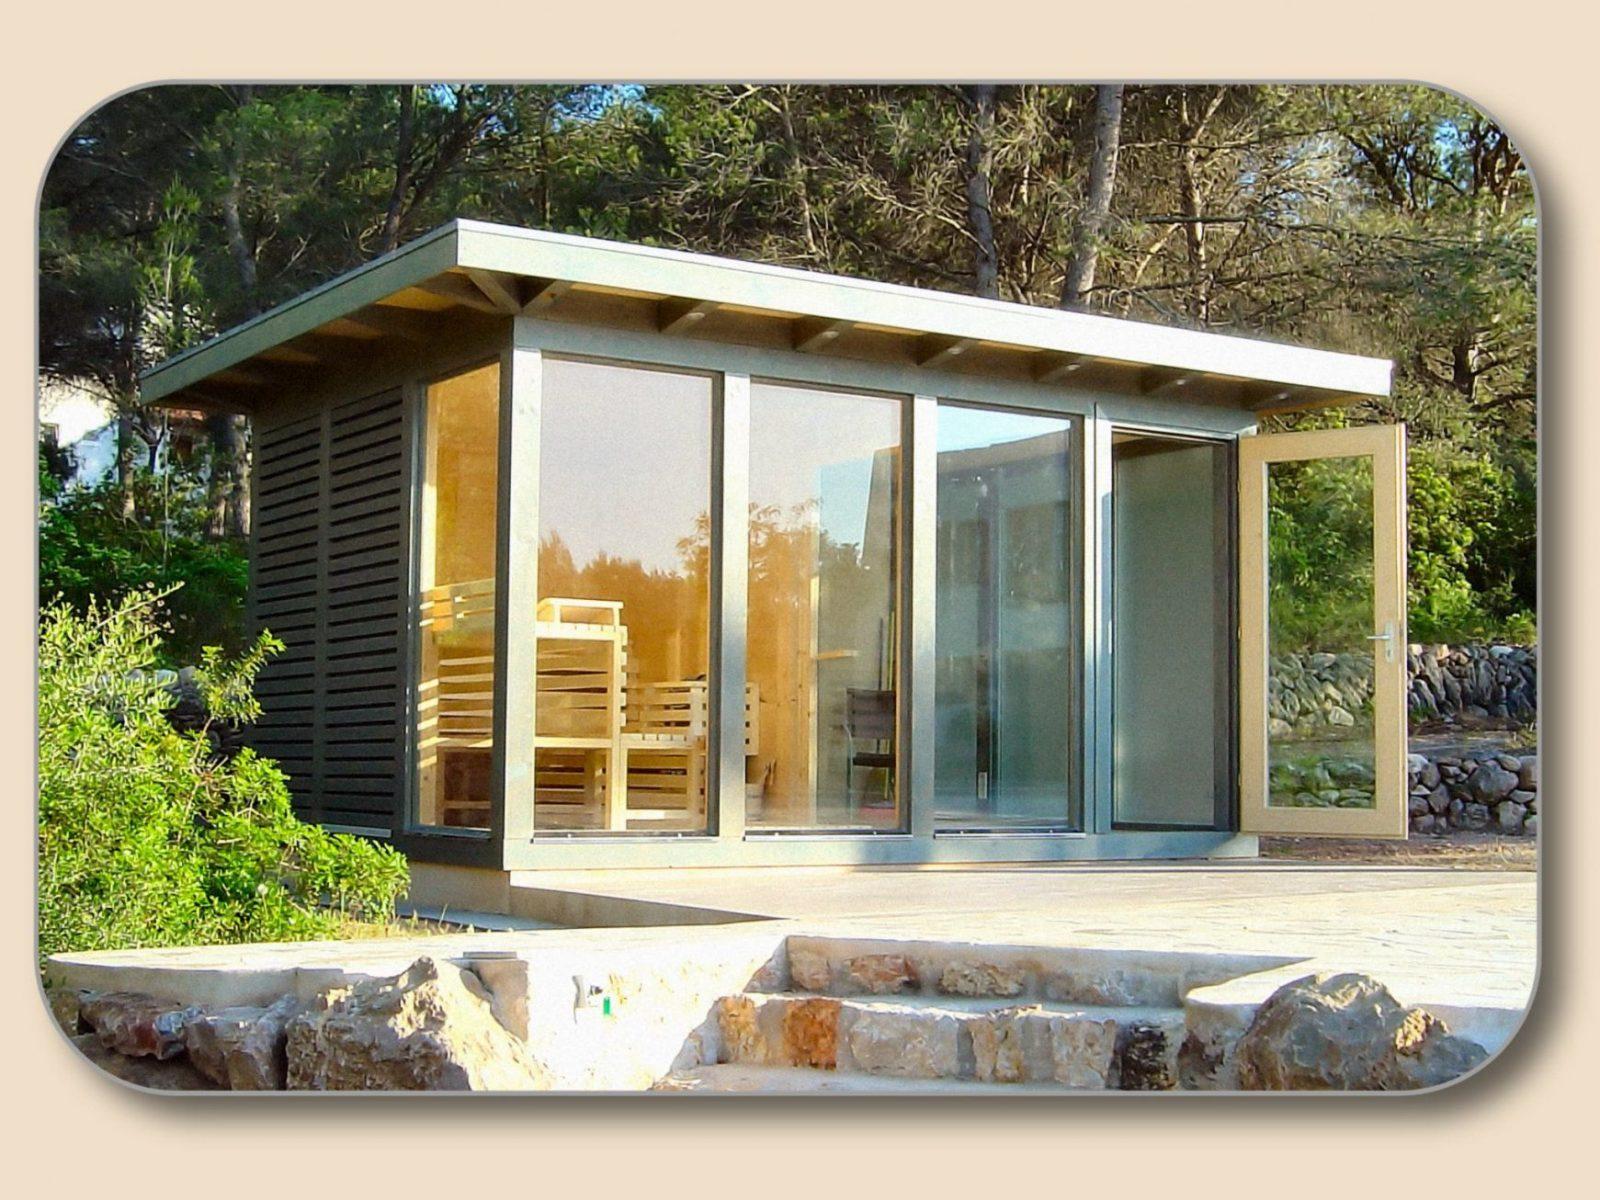 Sauna Selber Bauen Kosten Sauna Selbst Bauen Kosten Nikkihaus Avec von Gartenhaus Ytong Selber Bauen Photo